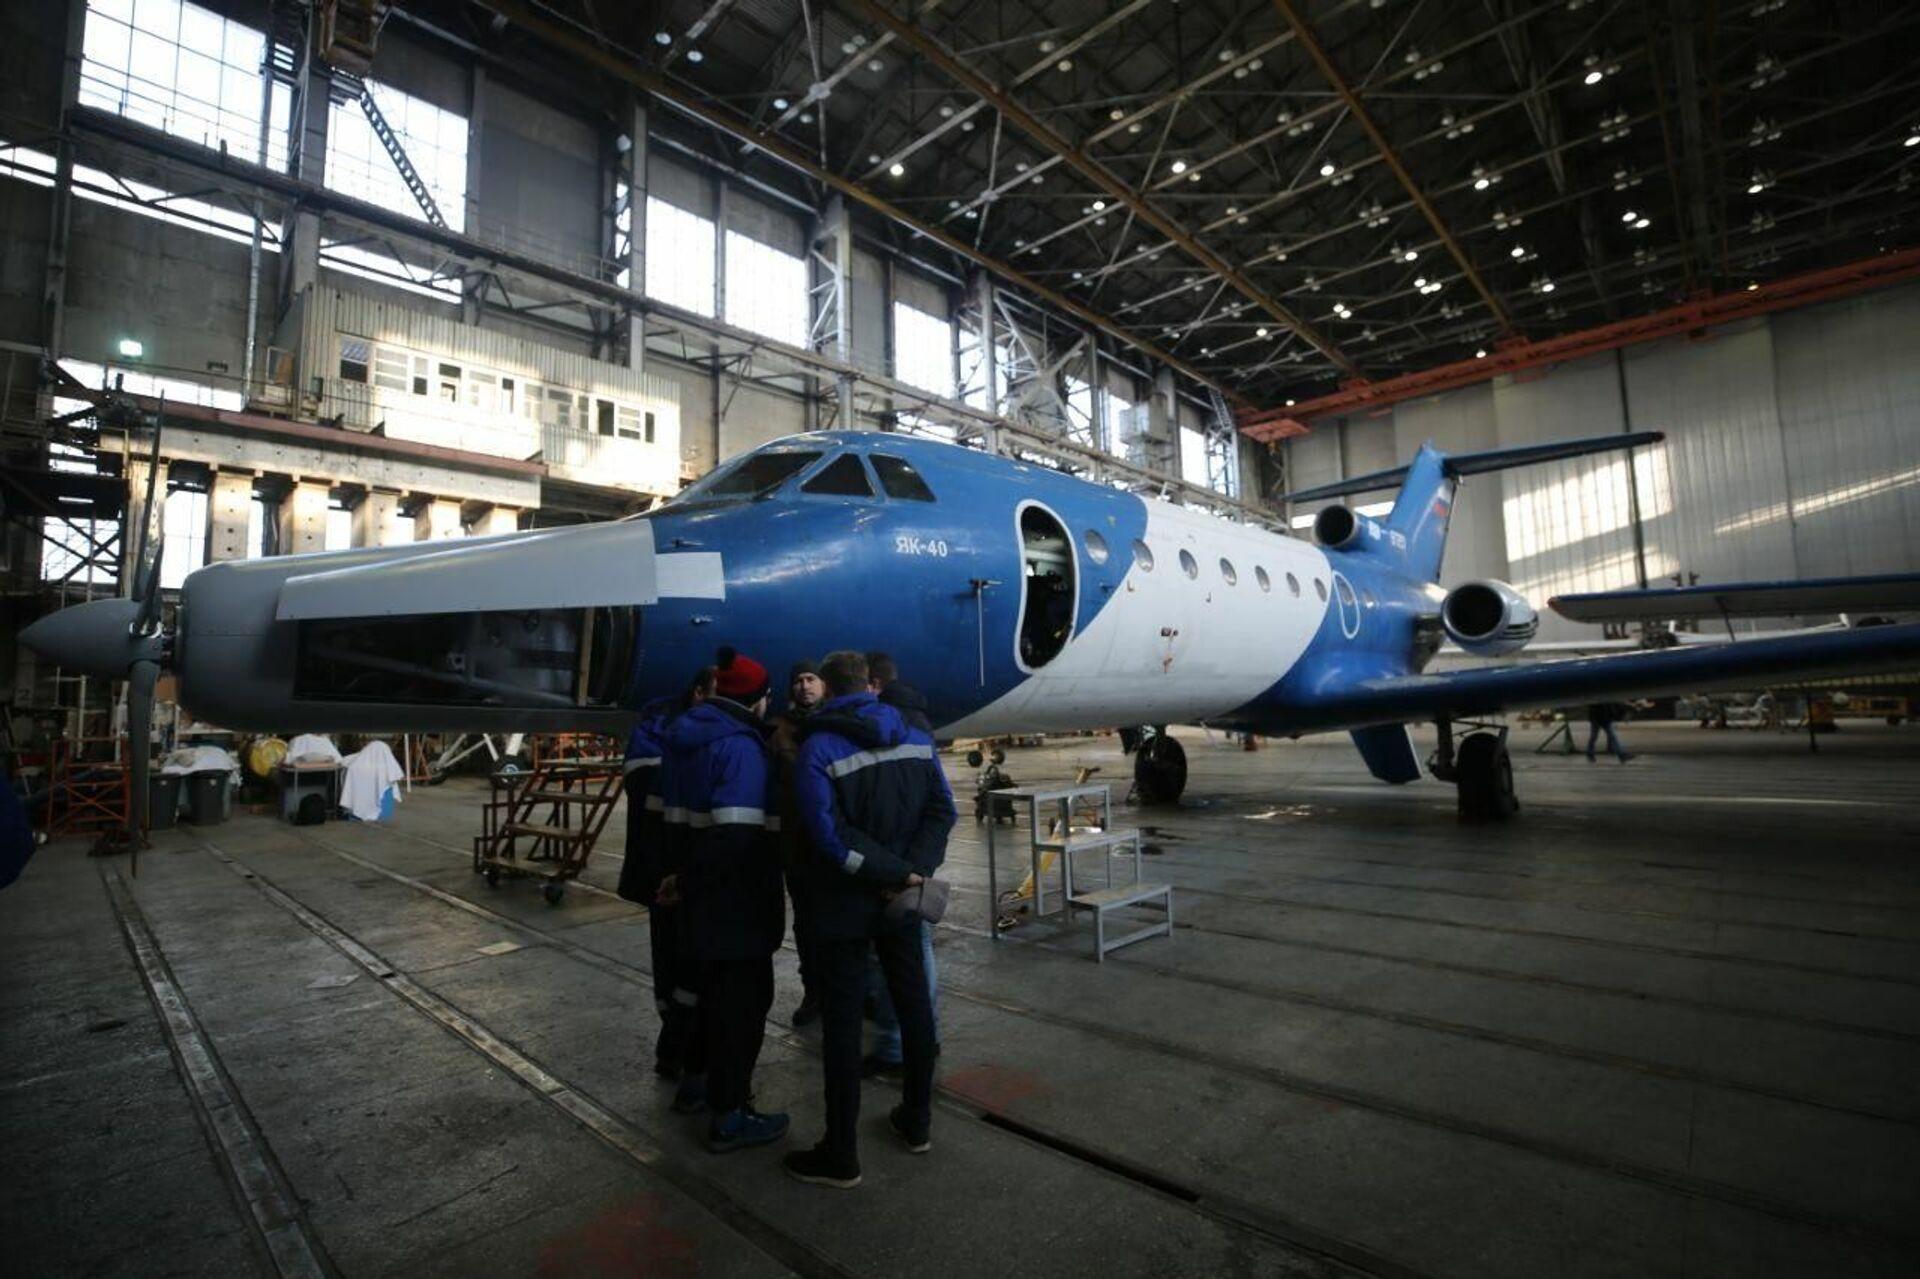 Có gì hay và thú vị tại Triển lãm Hàng không MAKS-2021? - Sputnik Việt Nam, 1920, 19.07.2021